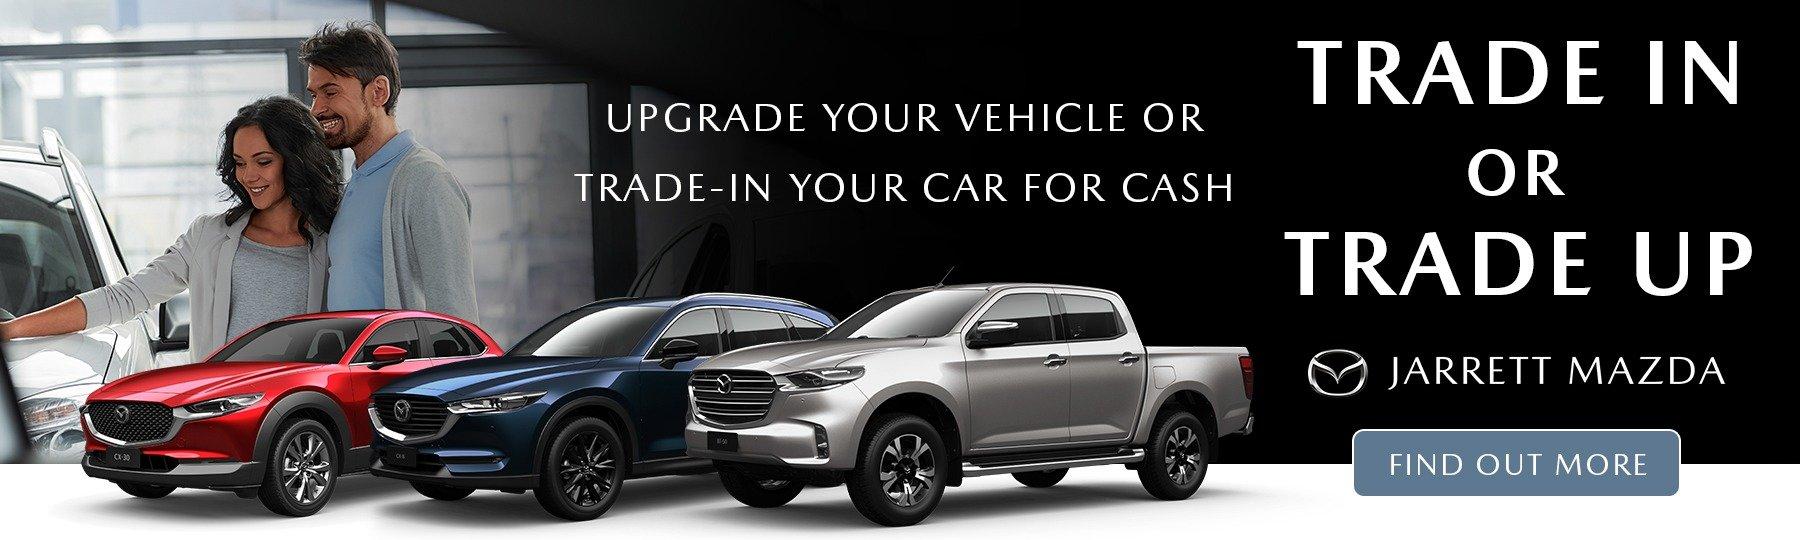 Trade-In Value at Jarrett Mazda